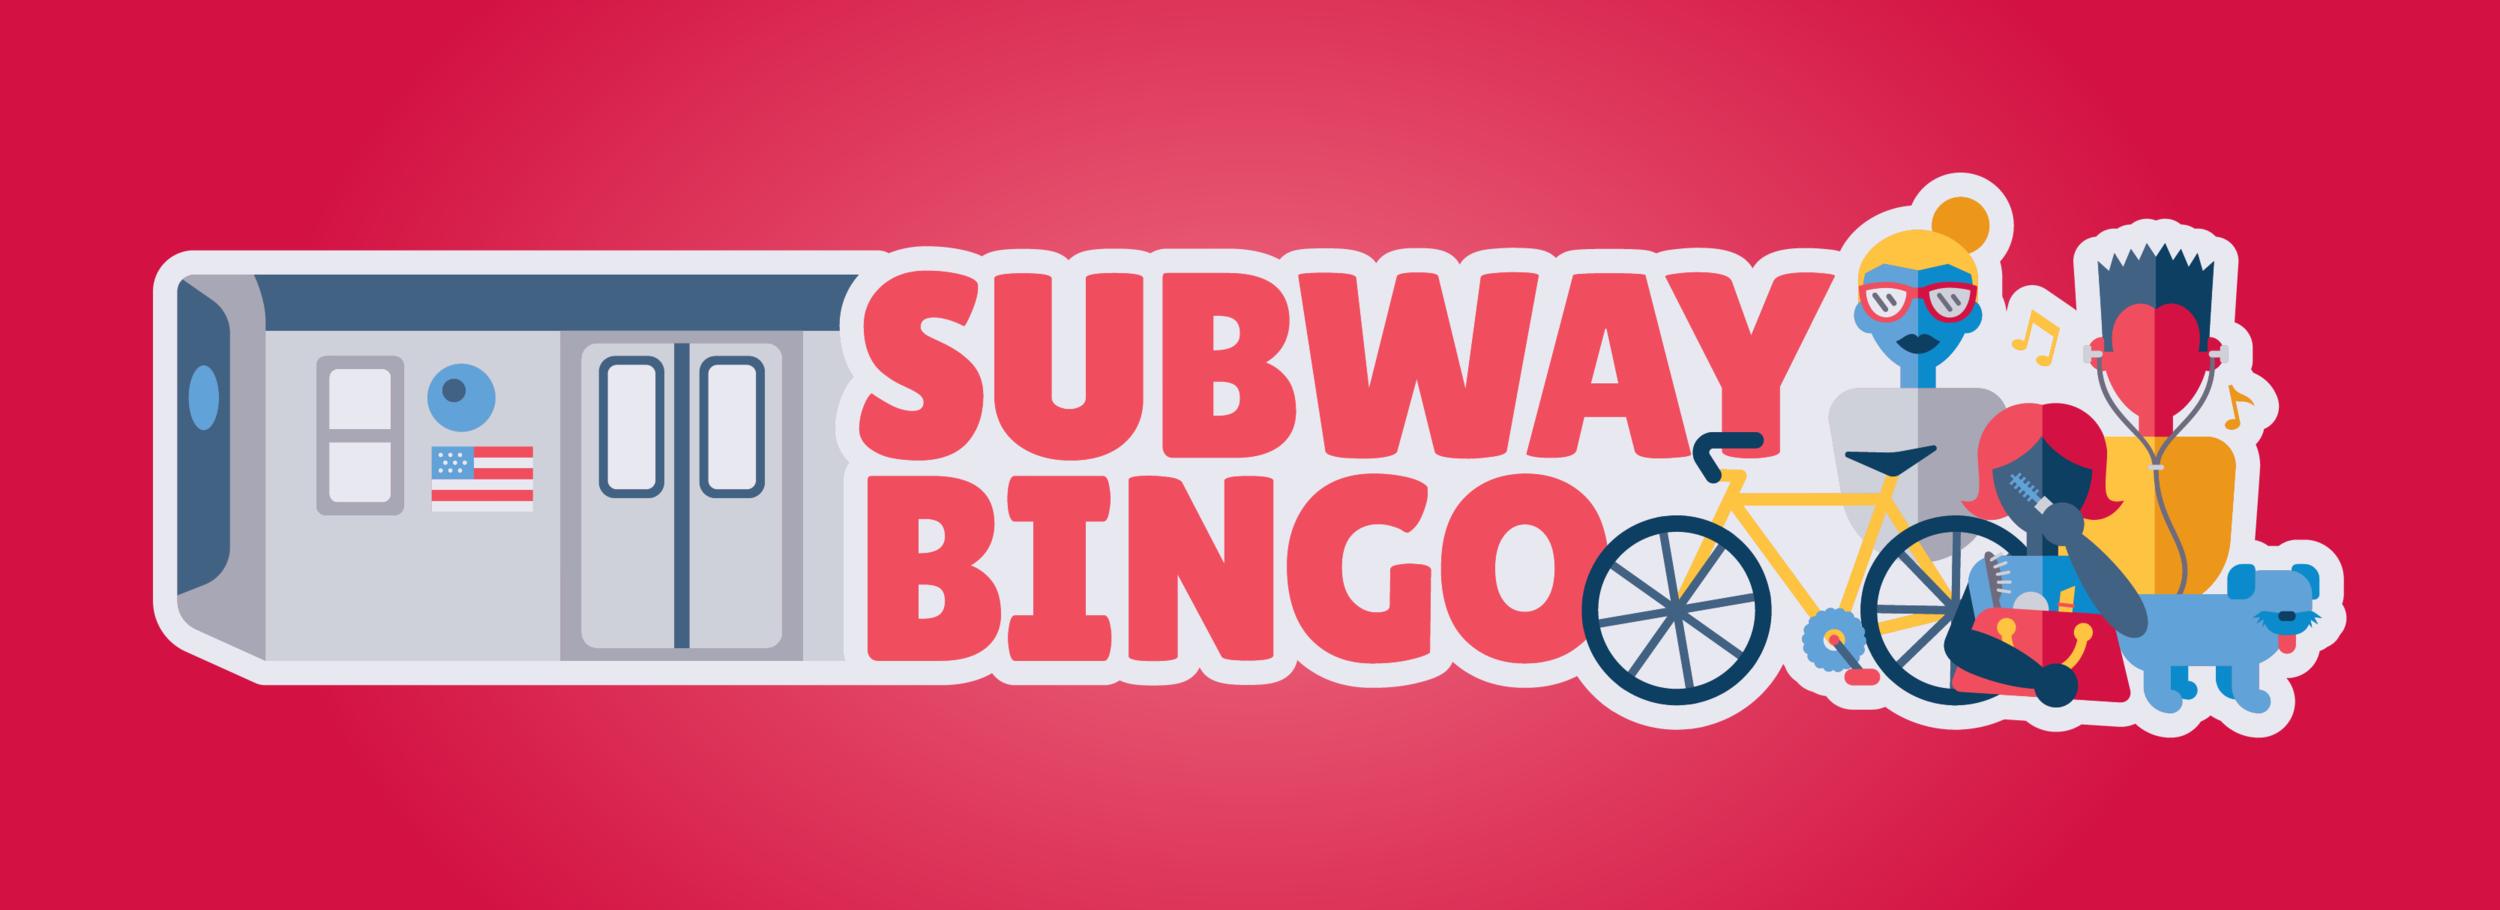 subway_bingo_logo.png